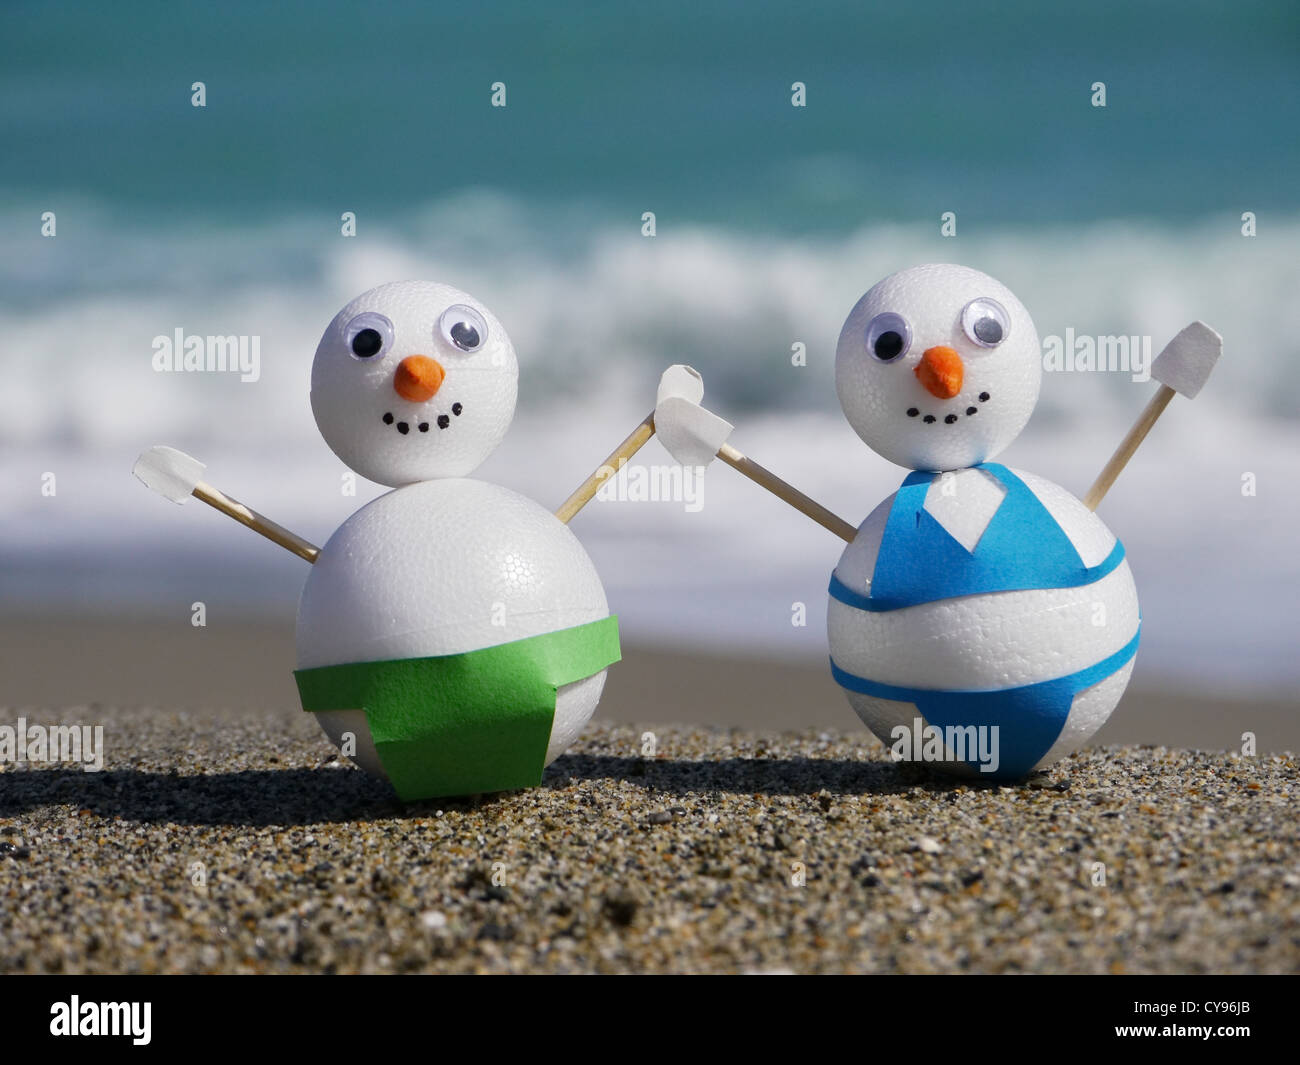 Schneemann Strand Urlaub Ferien vom kalten winter Stockbild